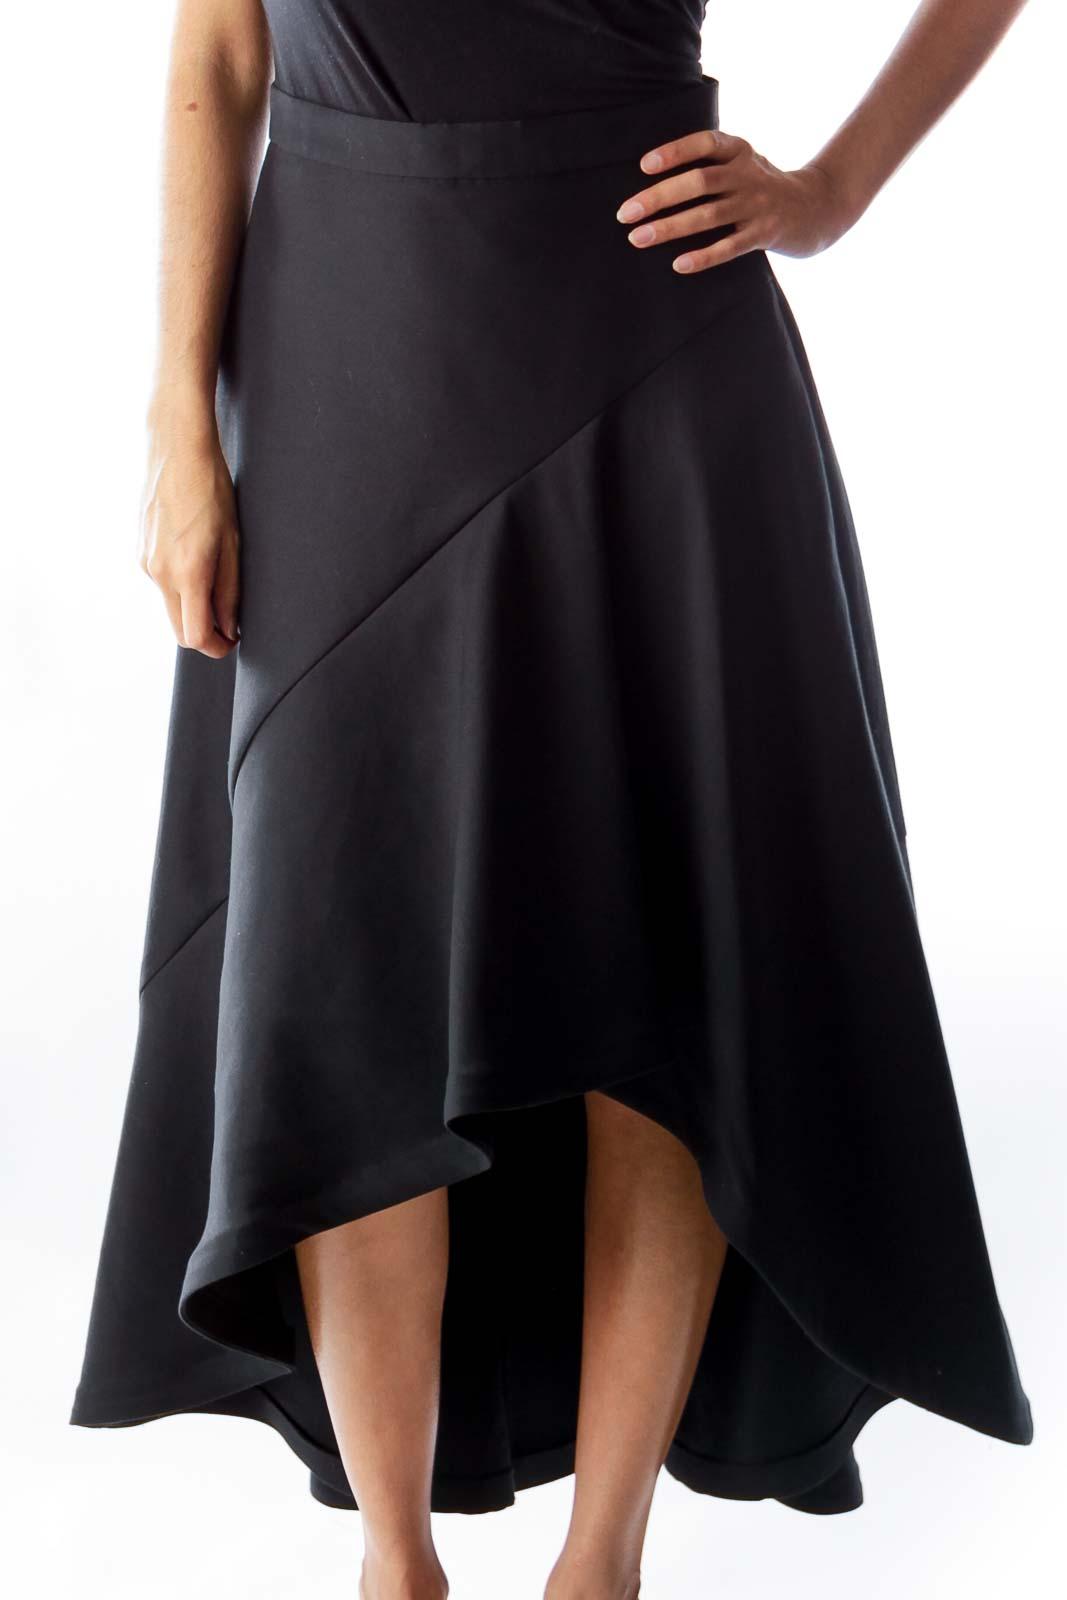 Black Ruffle Midi Skirt